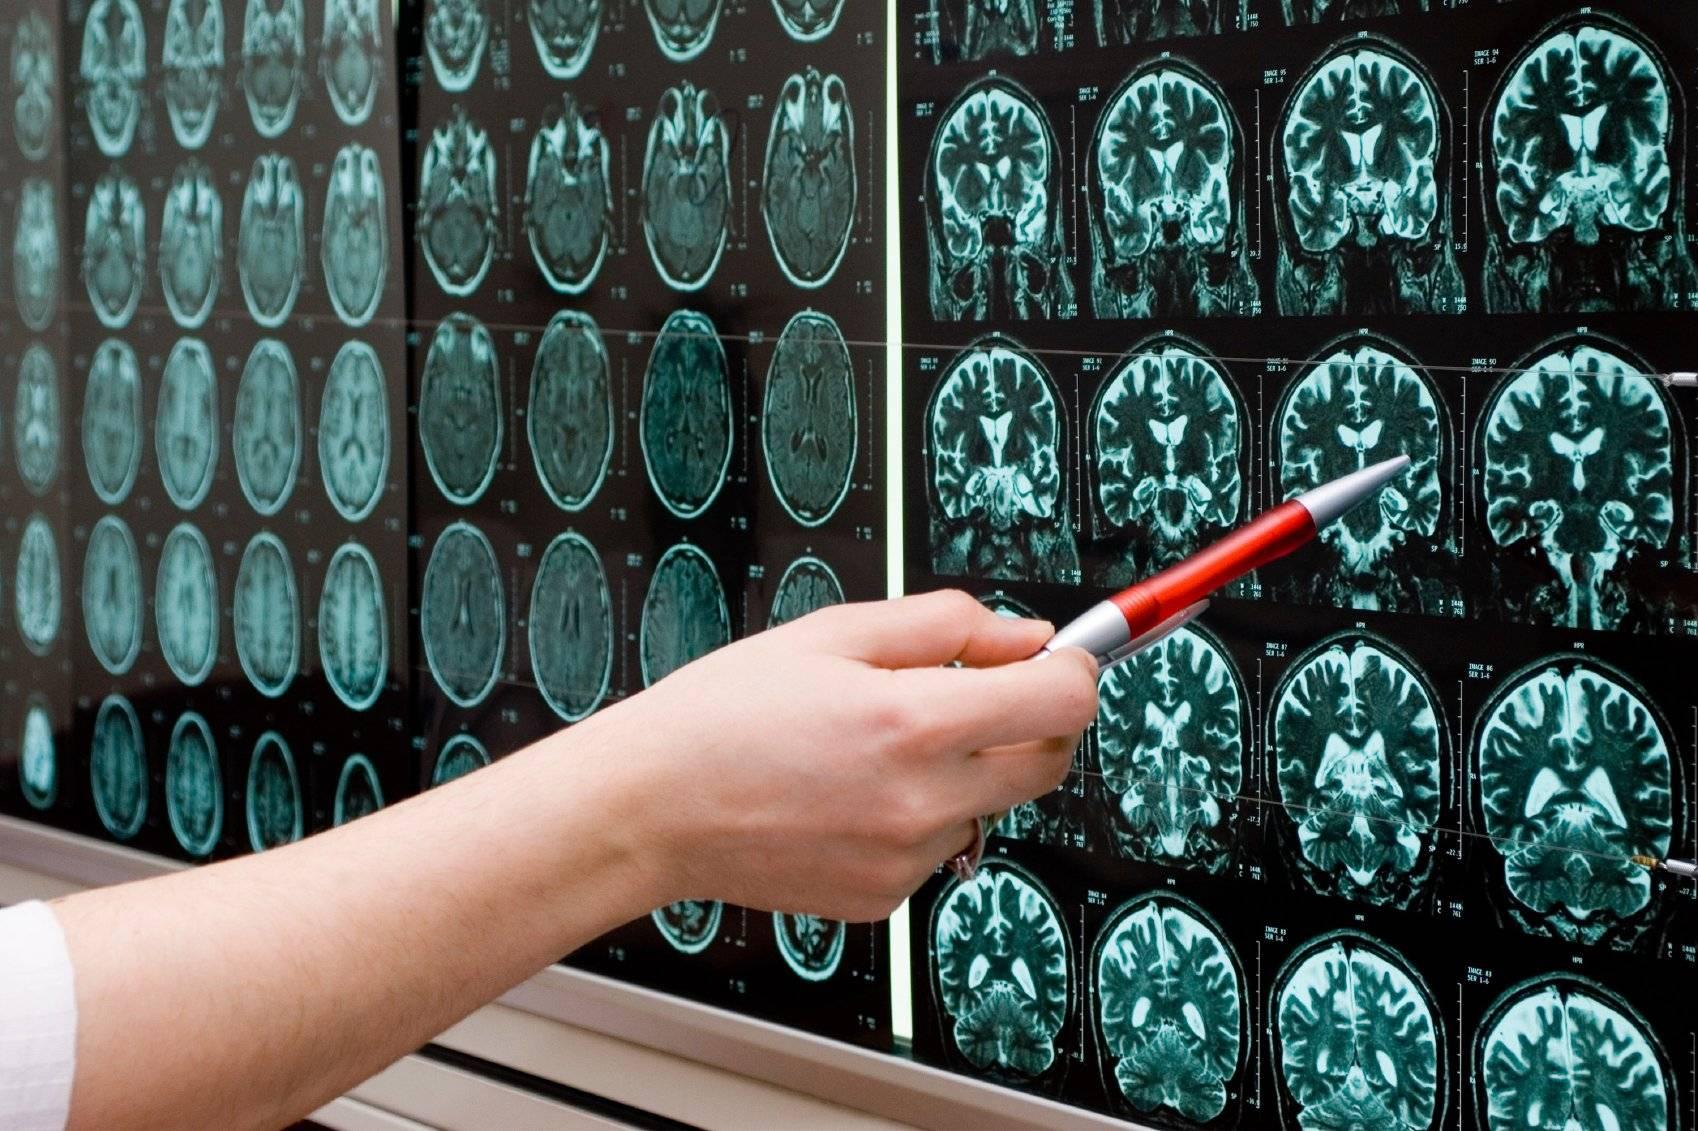 Неврология в германии – диагностика и лечение, цены | alenmedconsult